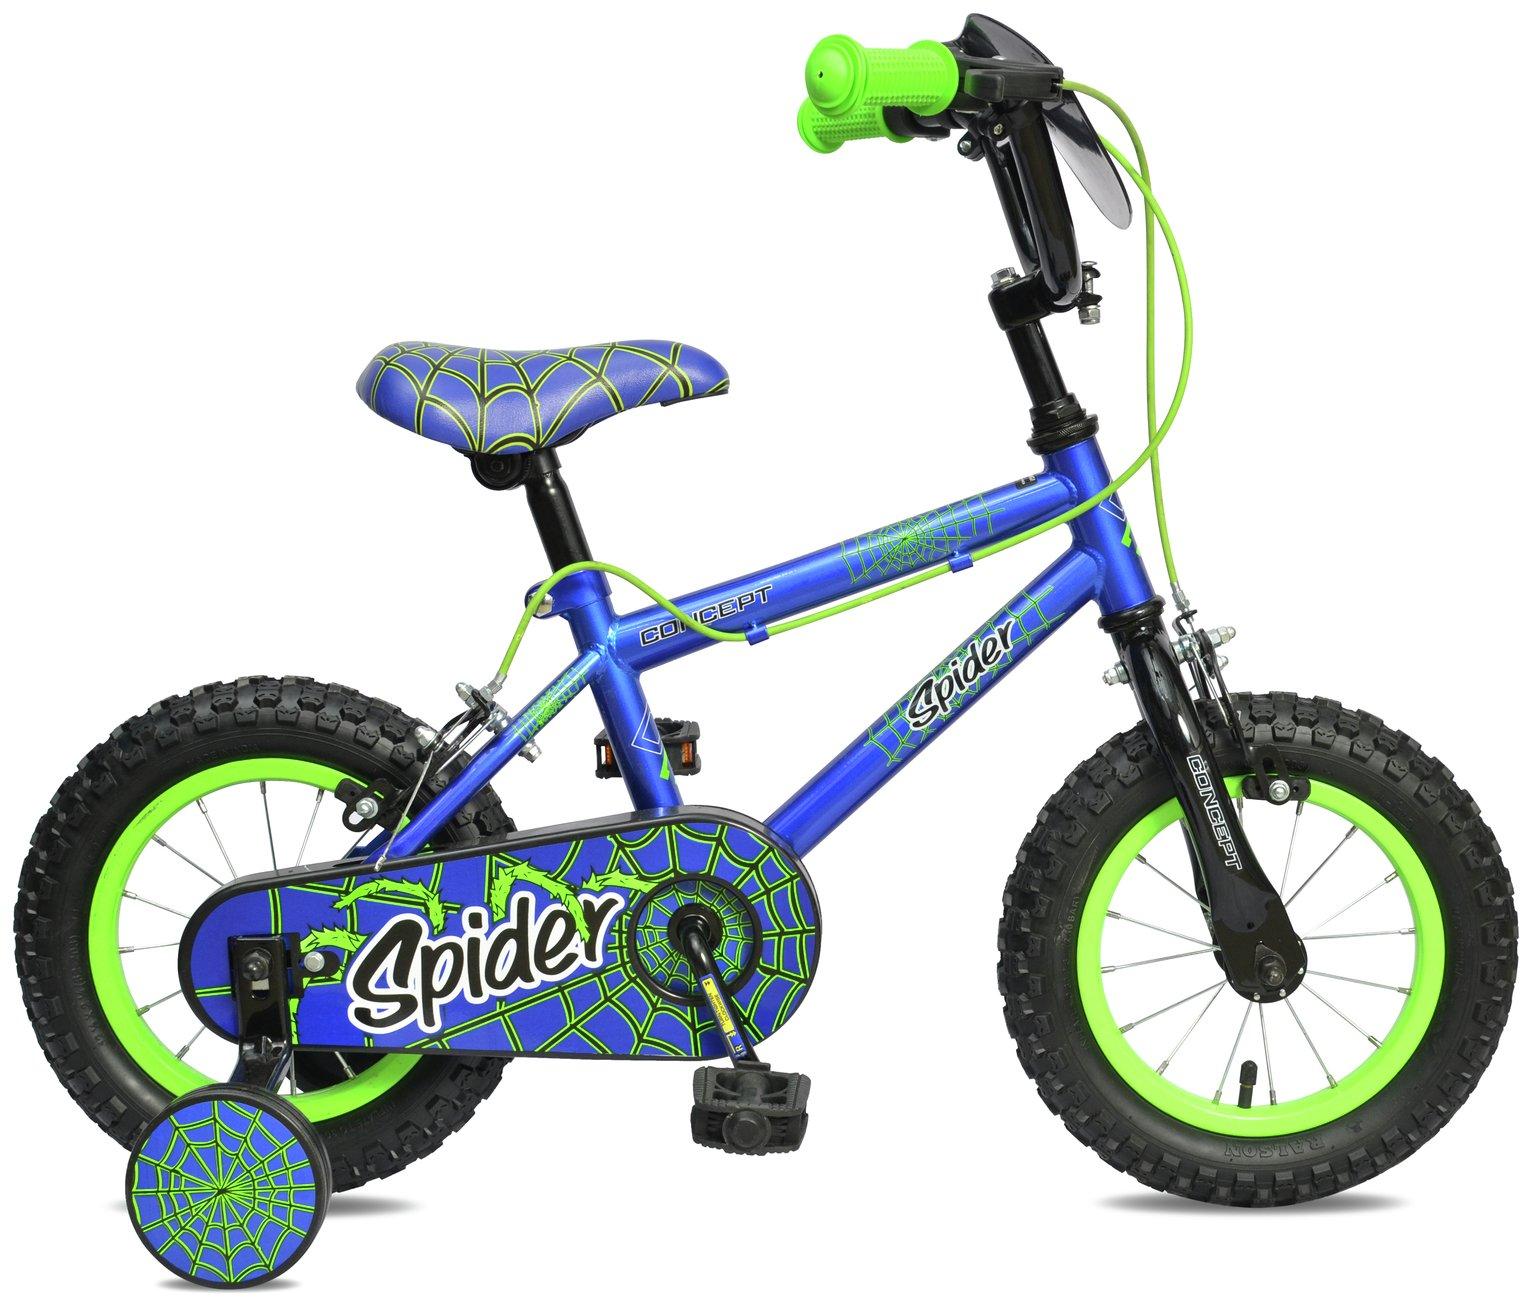 Concept 8.5 Inch Kids Bike - Spider